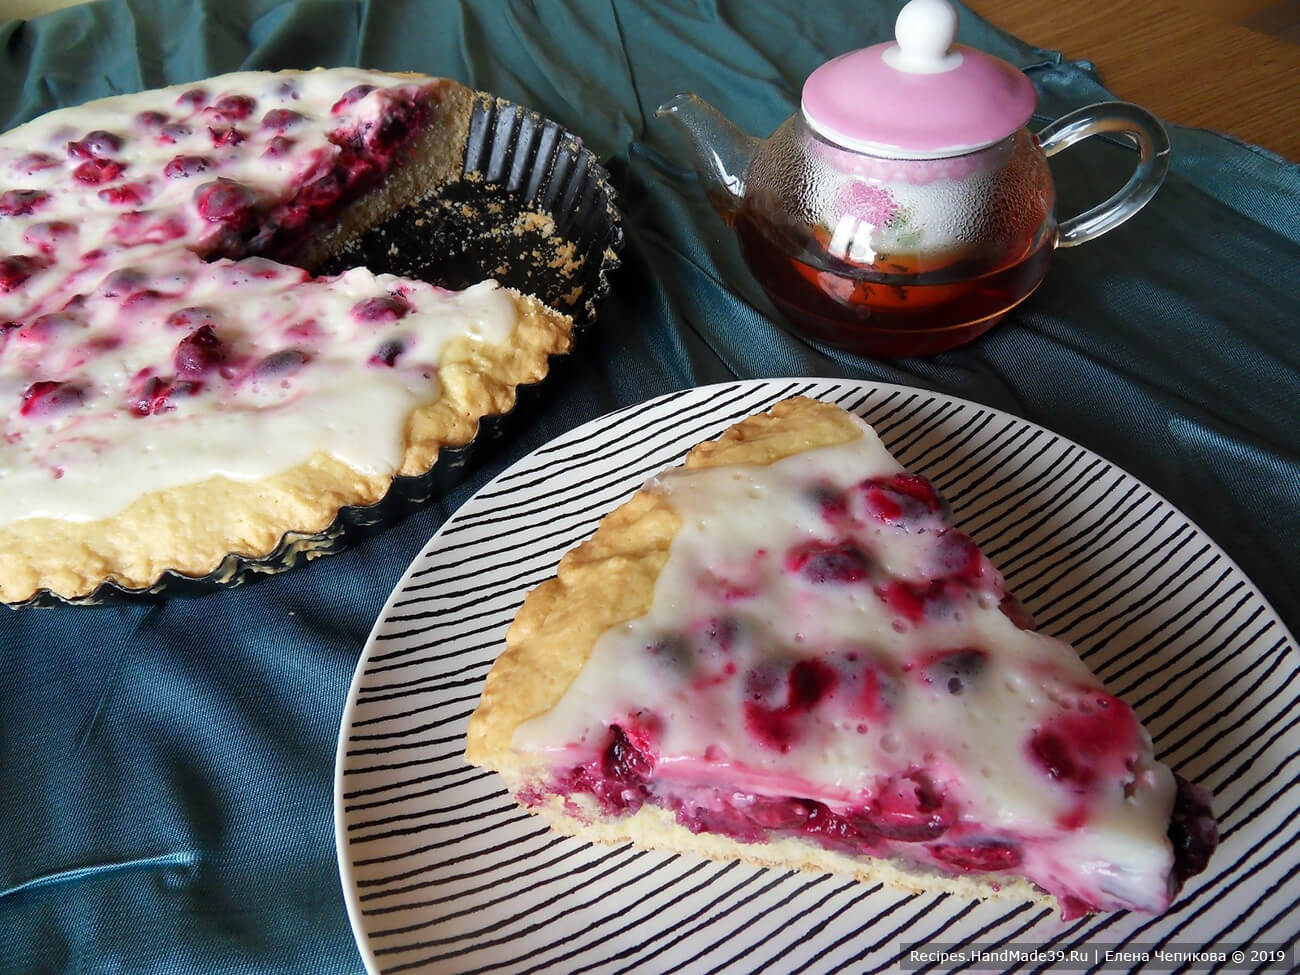 Пирог с вишней в сметане – пошаговый кулинарный рецепт с фото